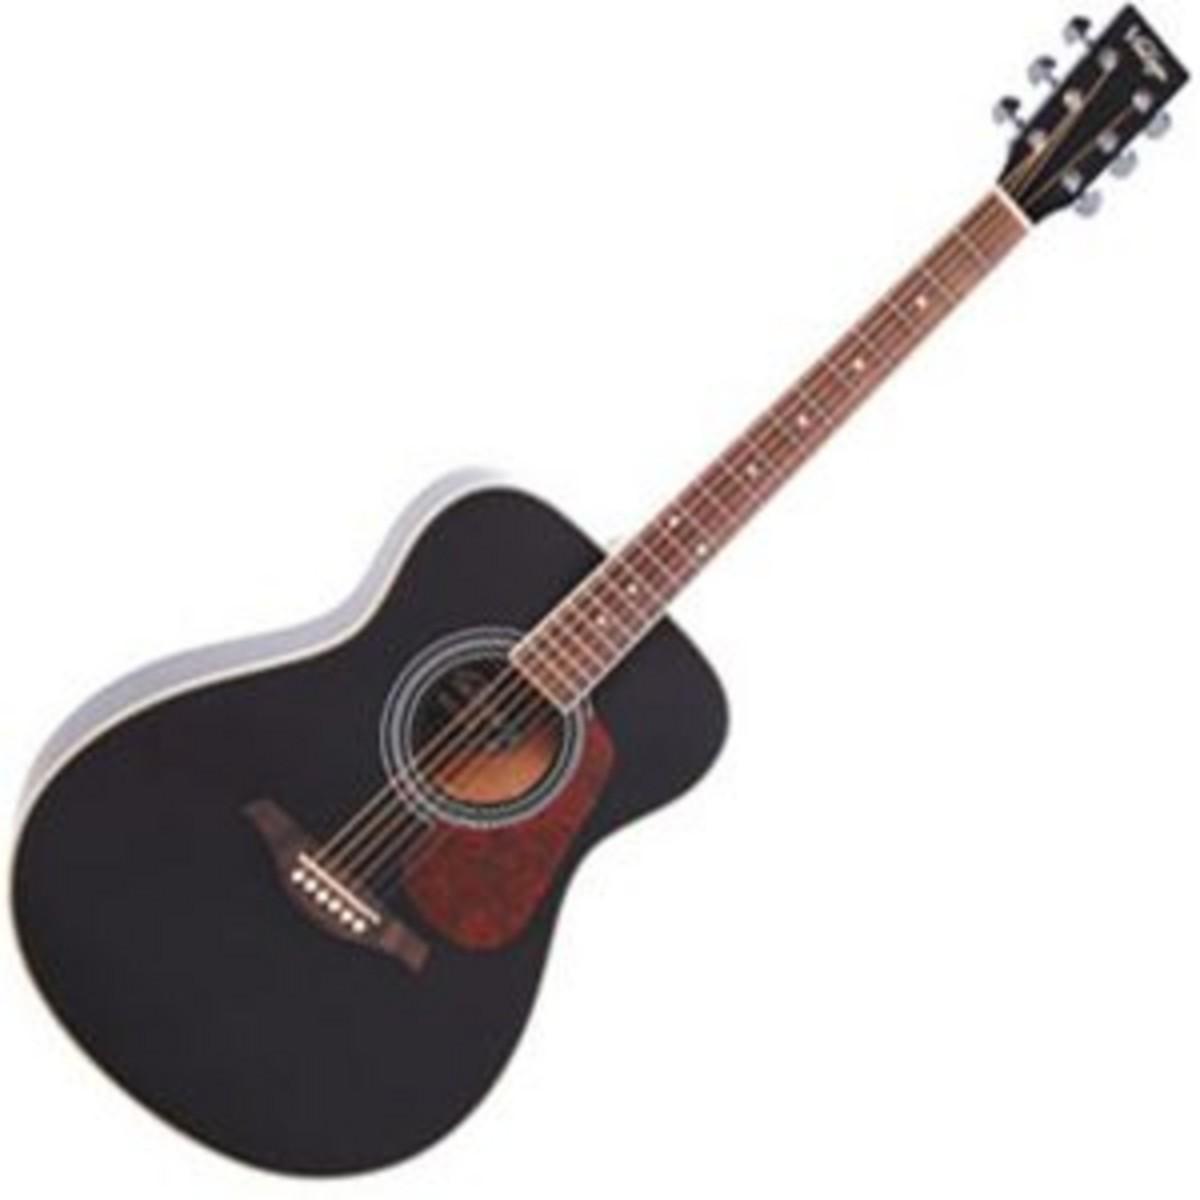 vintage ve300 electro acoustic guitar black at gear4music. Black Bedroom Furniture Sets. Home Design Ideas